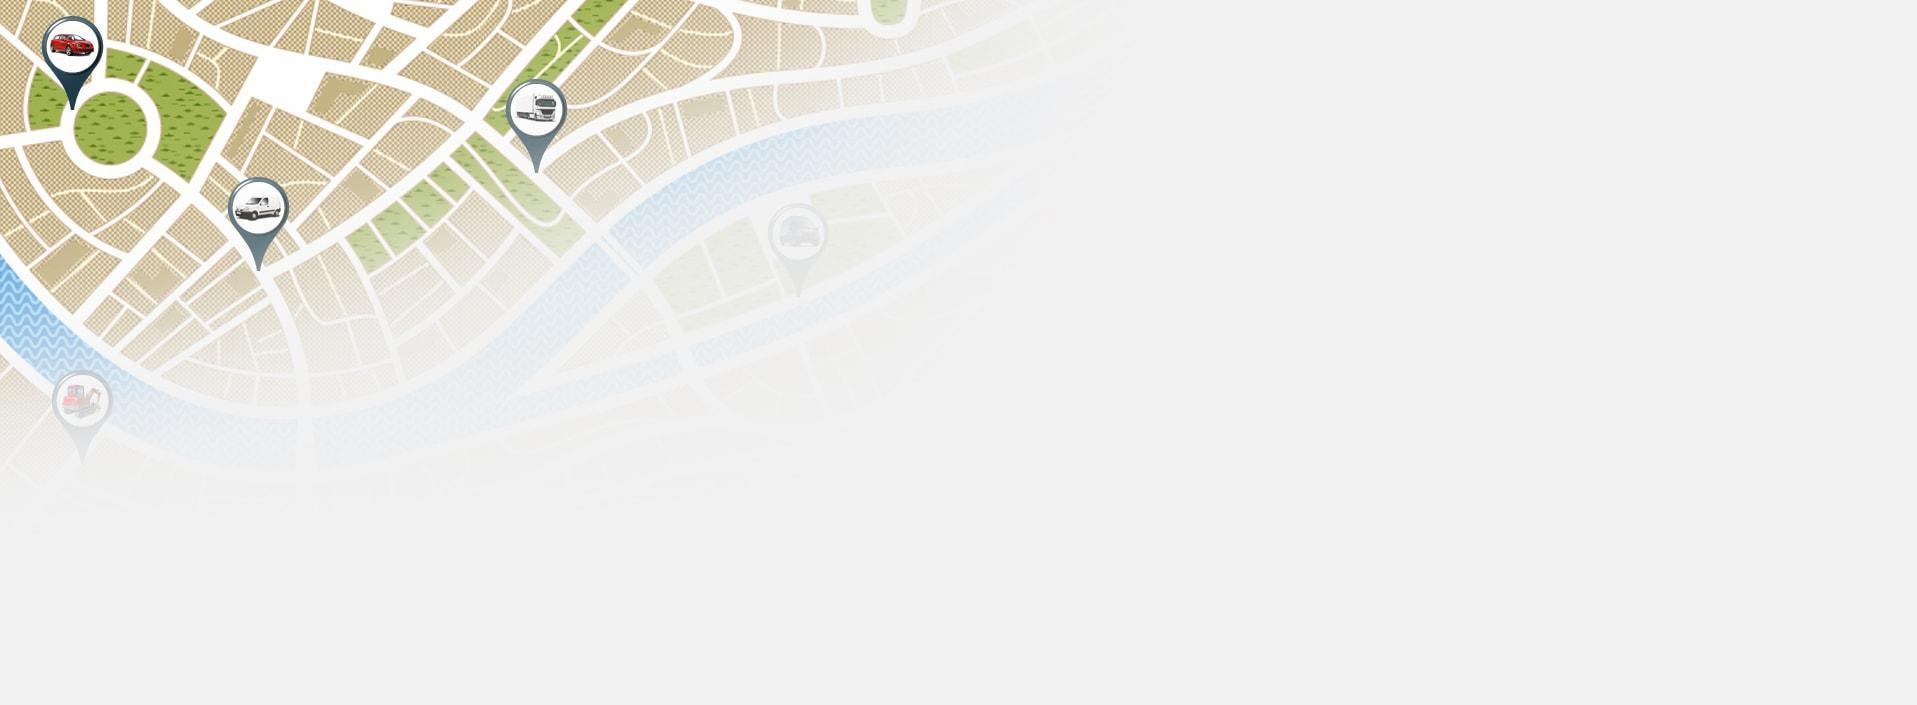 Fahrzeugortung, GPS Überwachung, Tracking:Ihre Fahrzeuge immer im Blick!